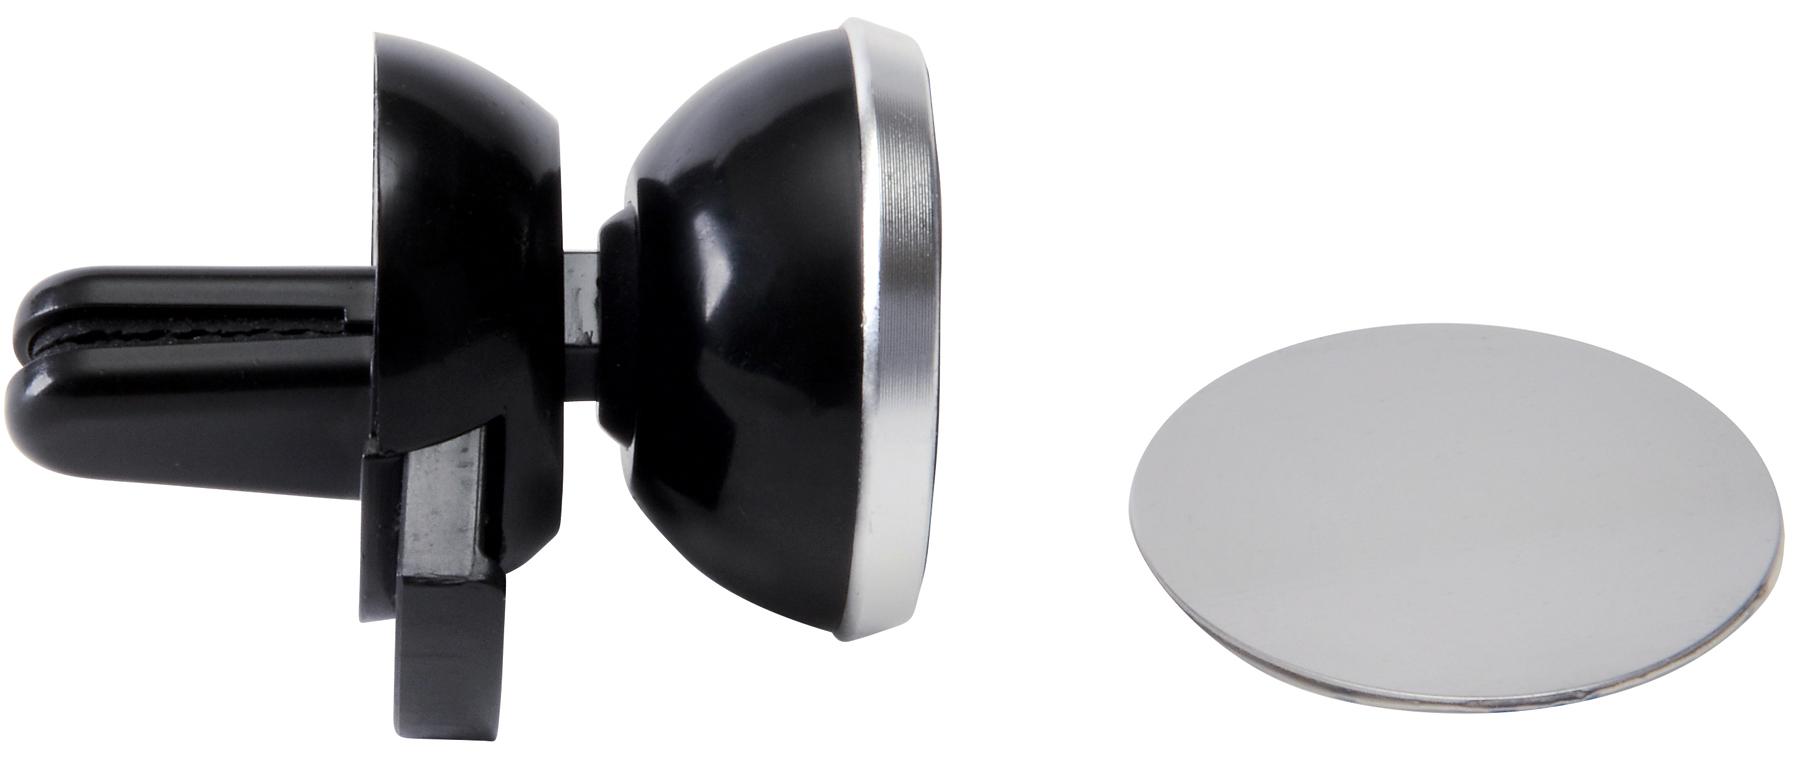 Magnetyczny uchwyt na telefon FLUX, czarny, srebrny